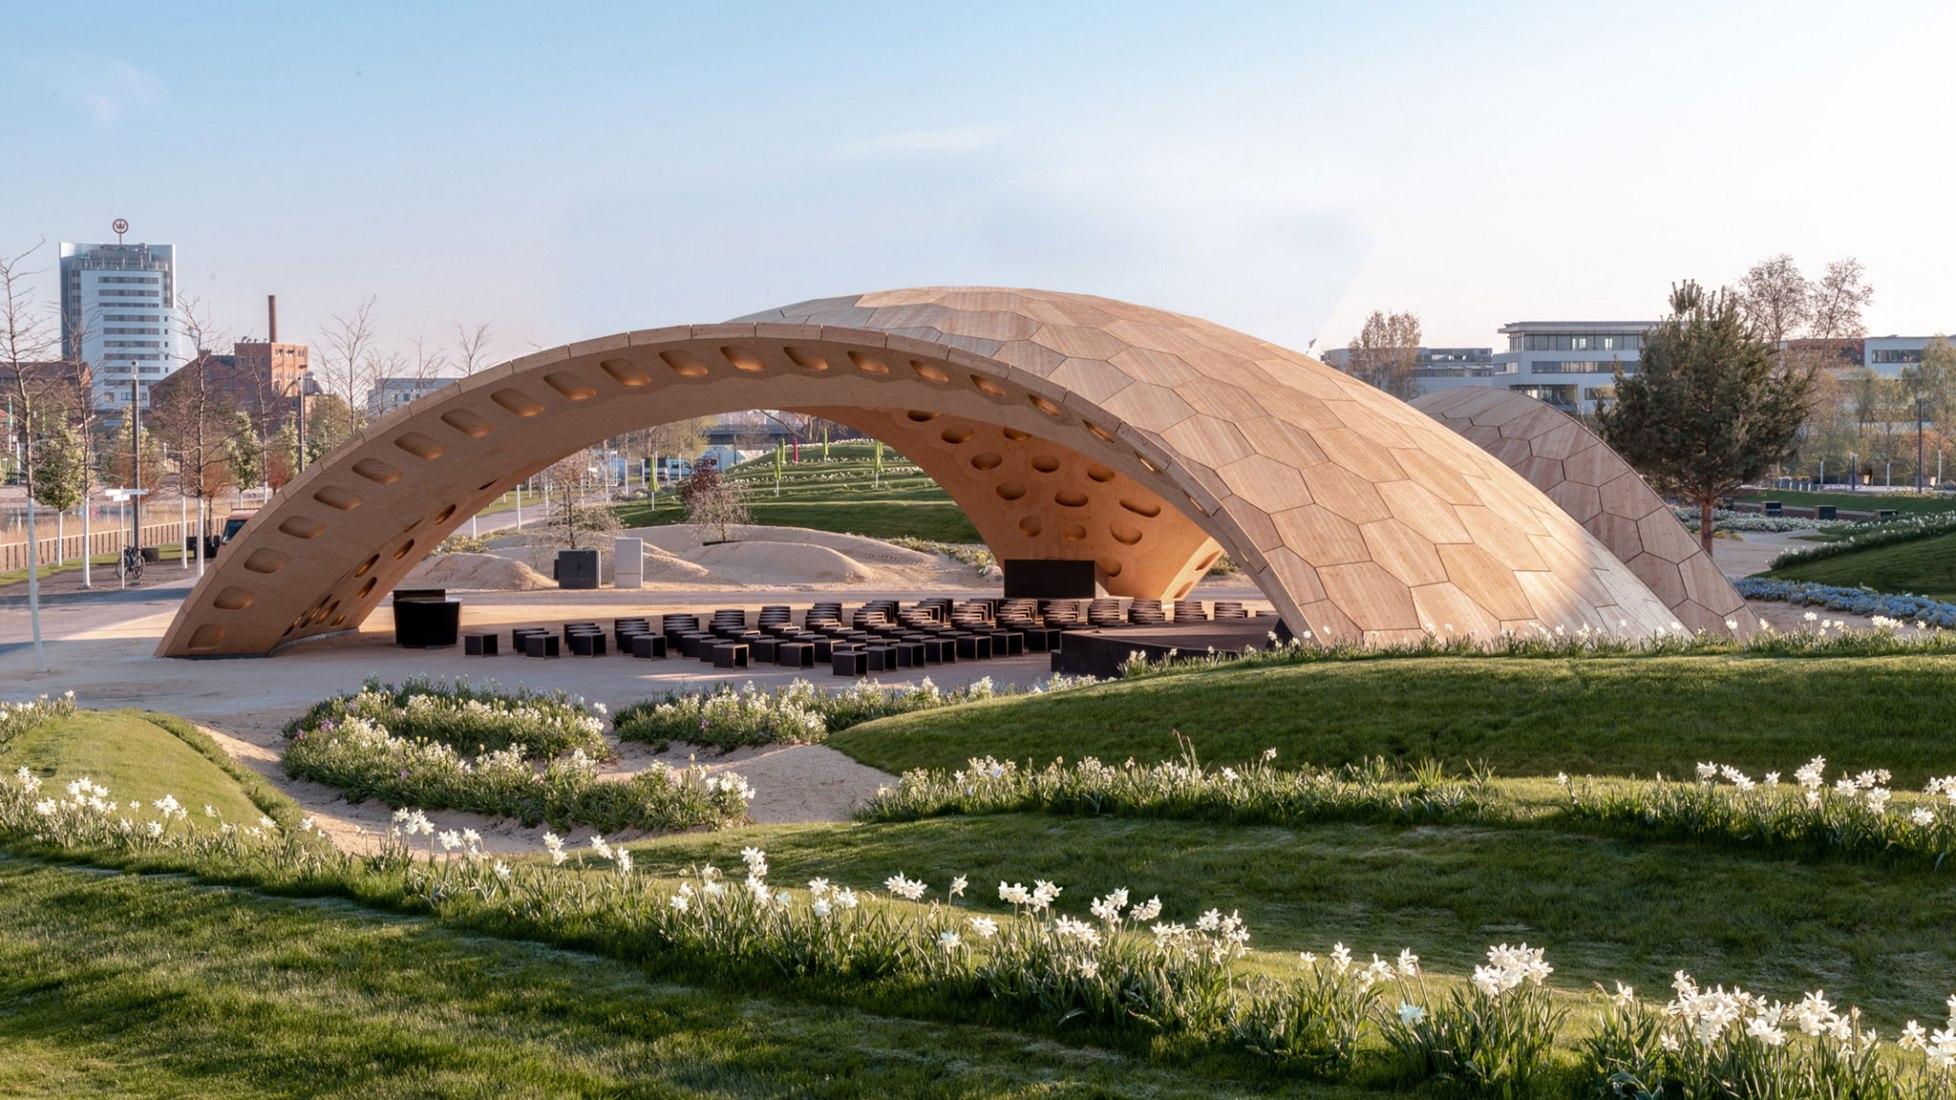 BUGA Wood Pavilion 2019 by ICD/ITKE, University of Stuttgart. Photograph by ICD/ITKE, University of Stuttgart.